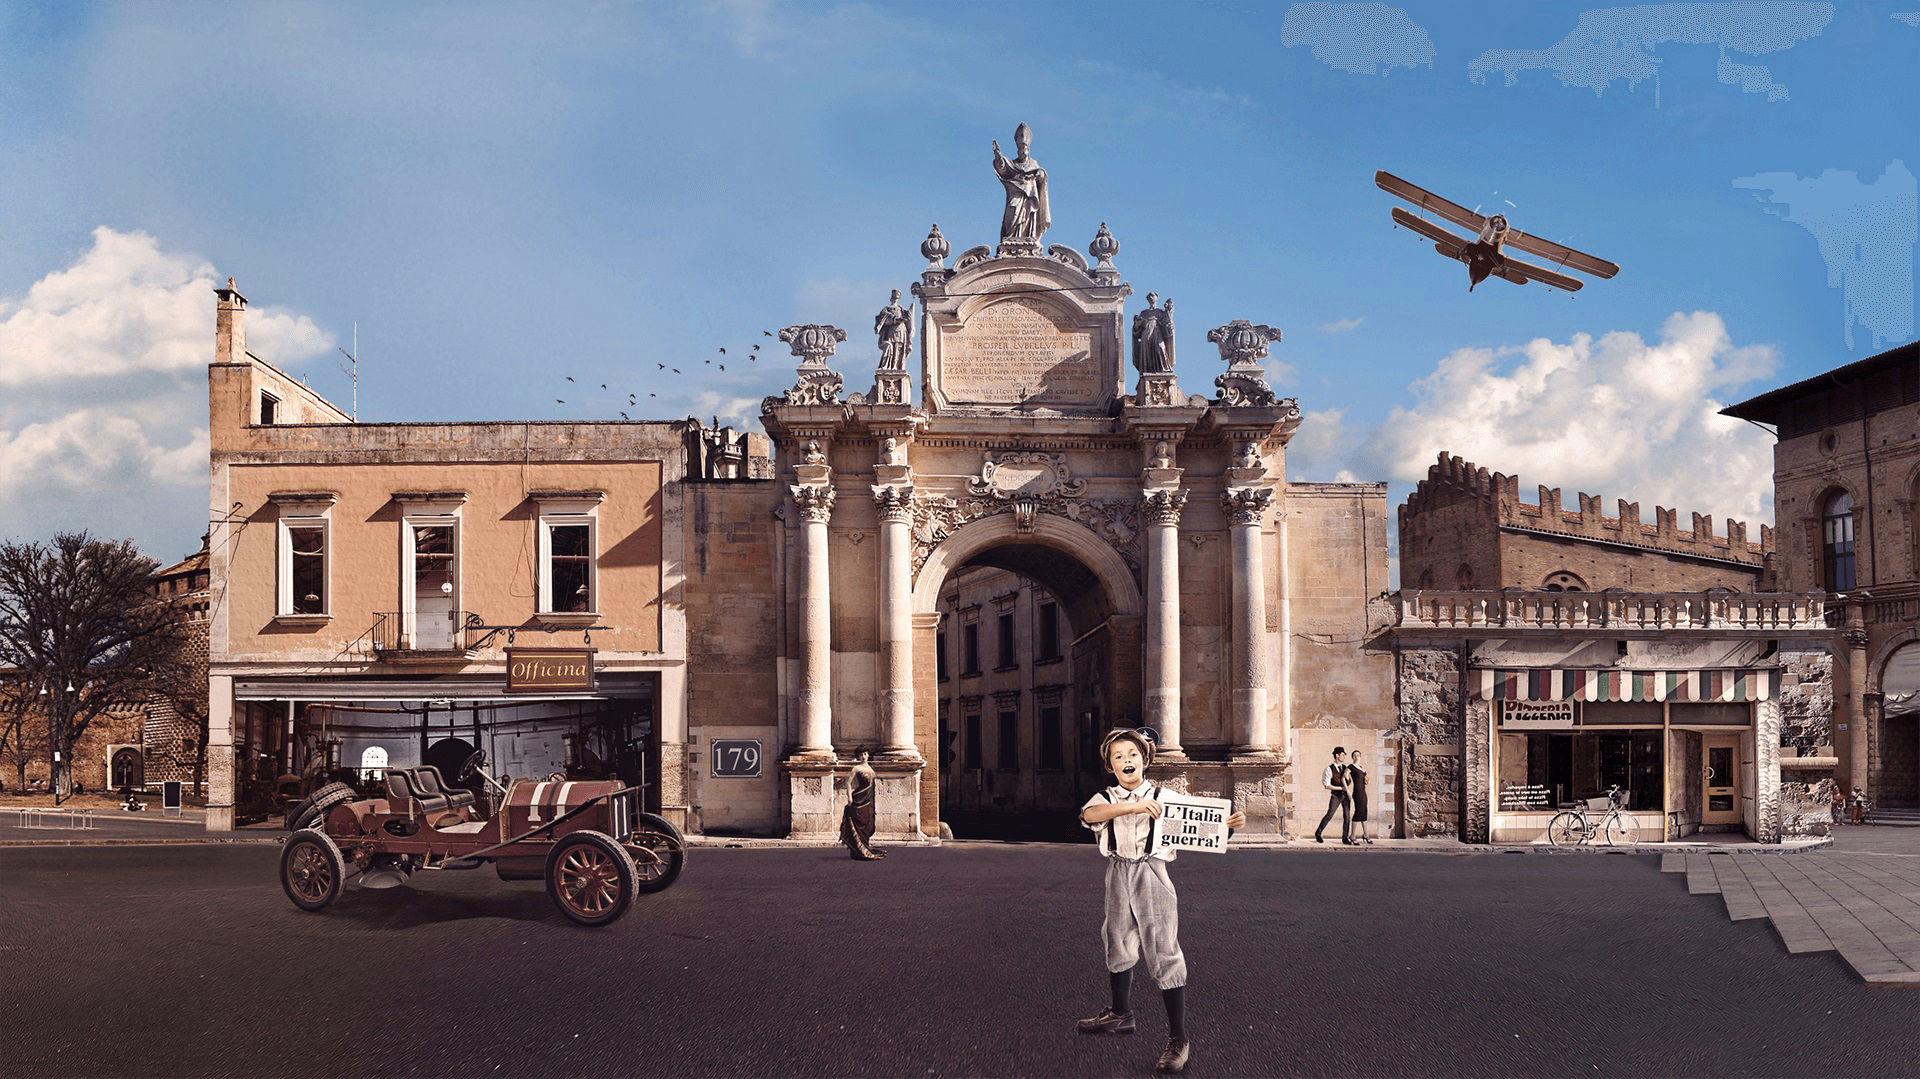 Storia di Maserati - 1910: Società Anonima Officine Alfieri Maserati a Bologna